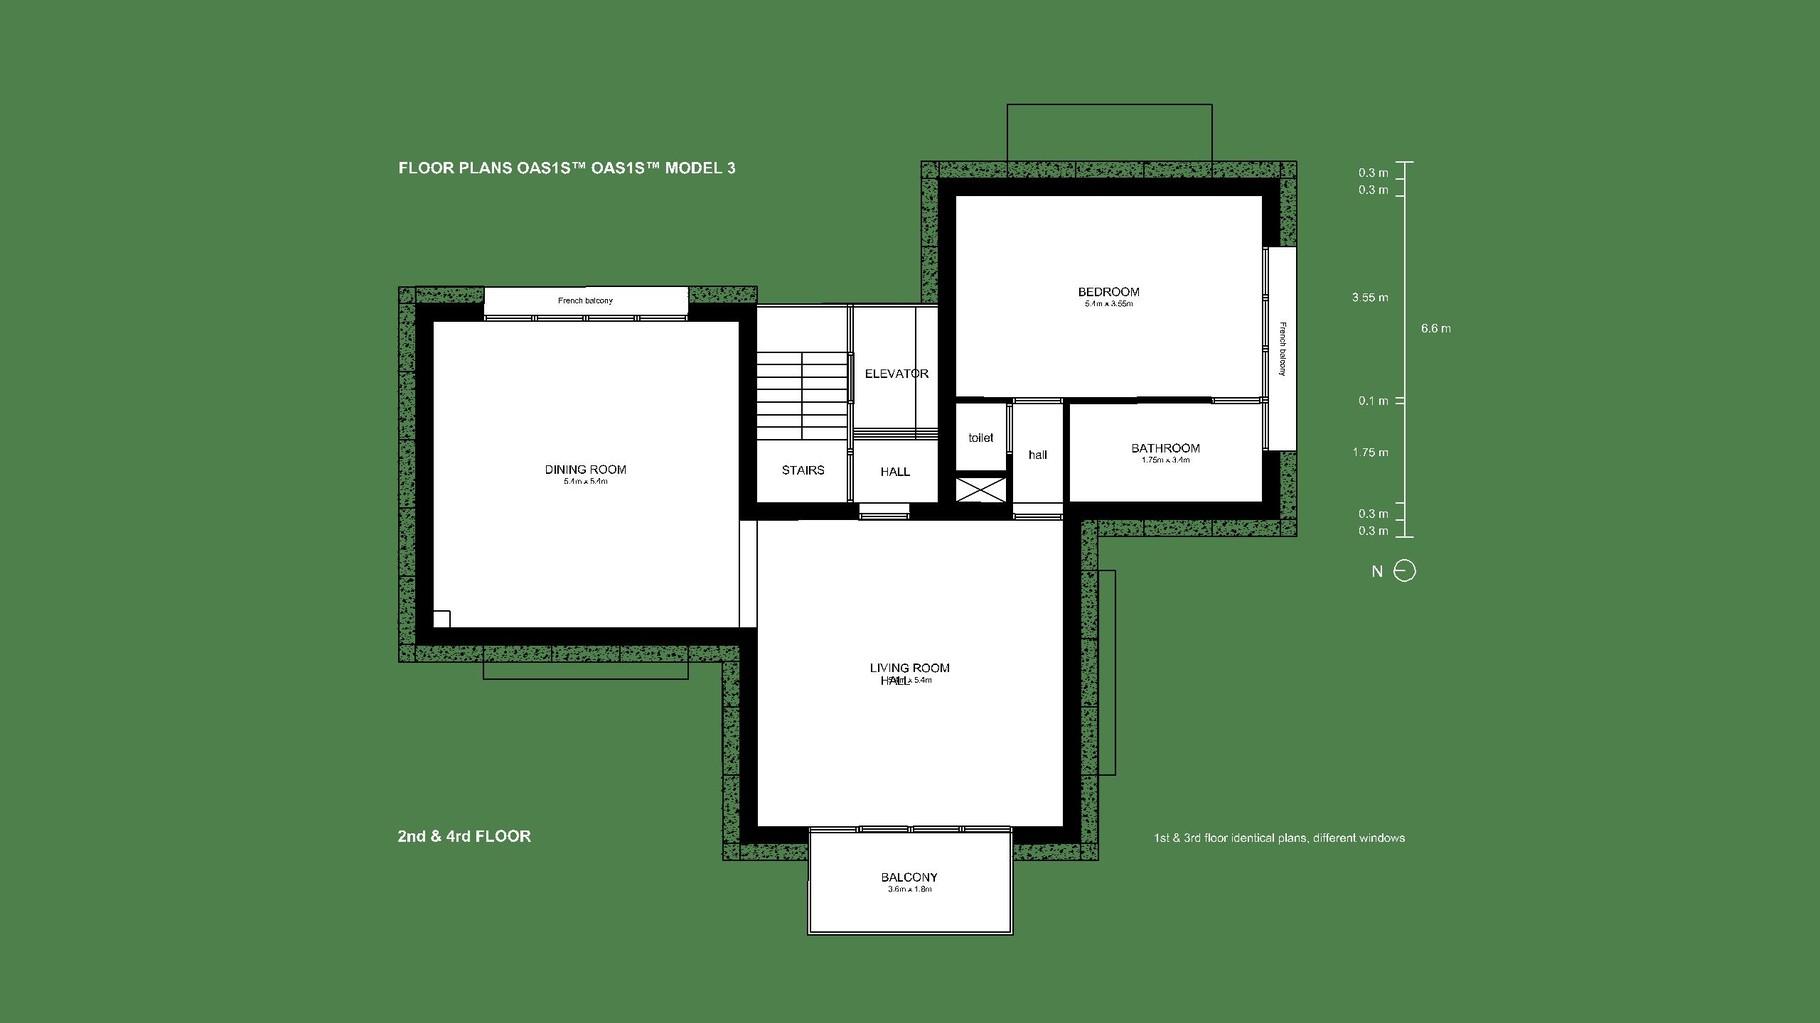 Visua OAS1S™: Model 3 for multi-family housing.